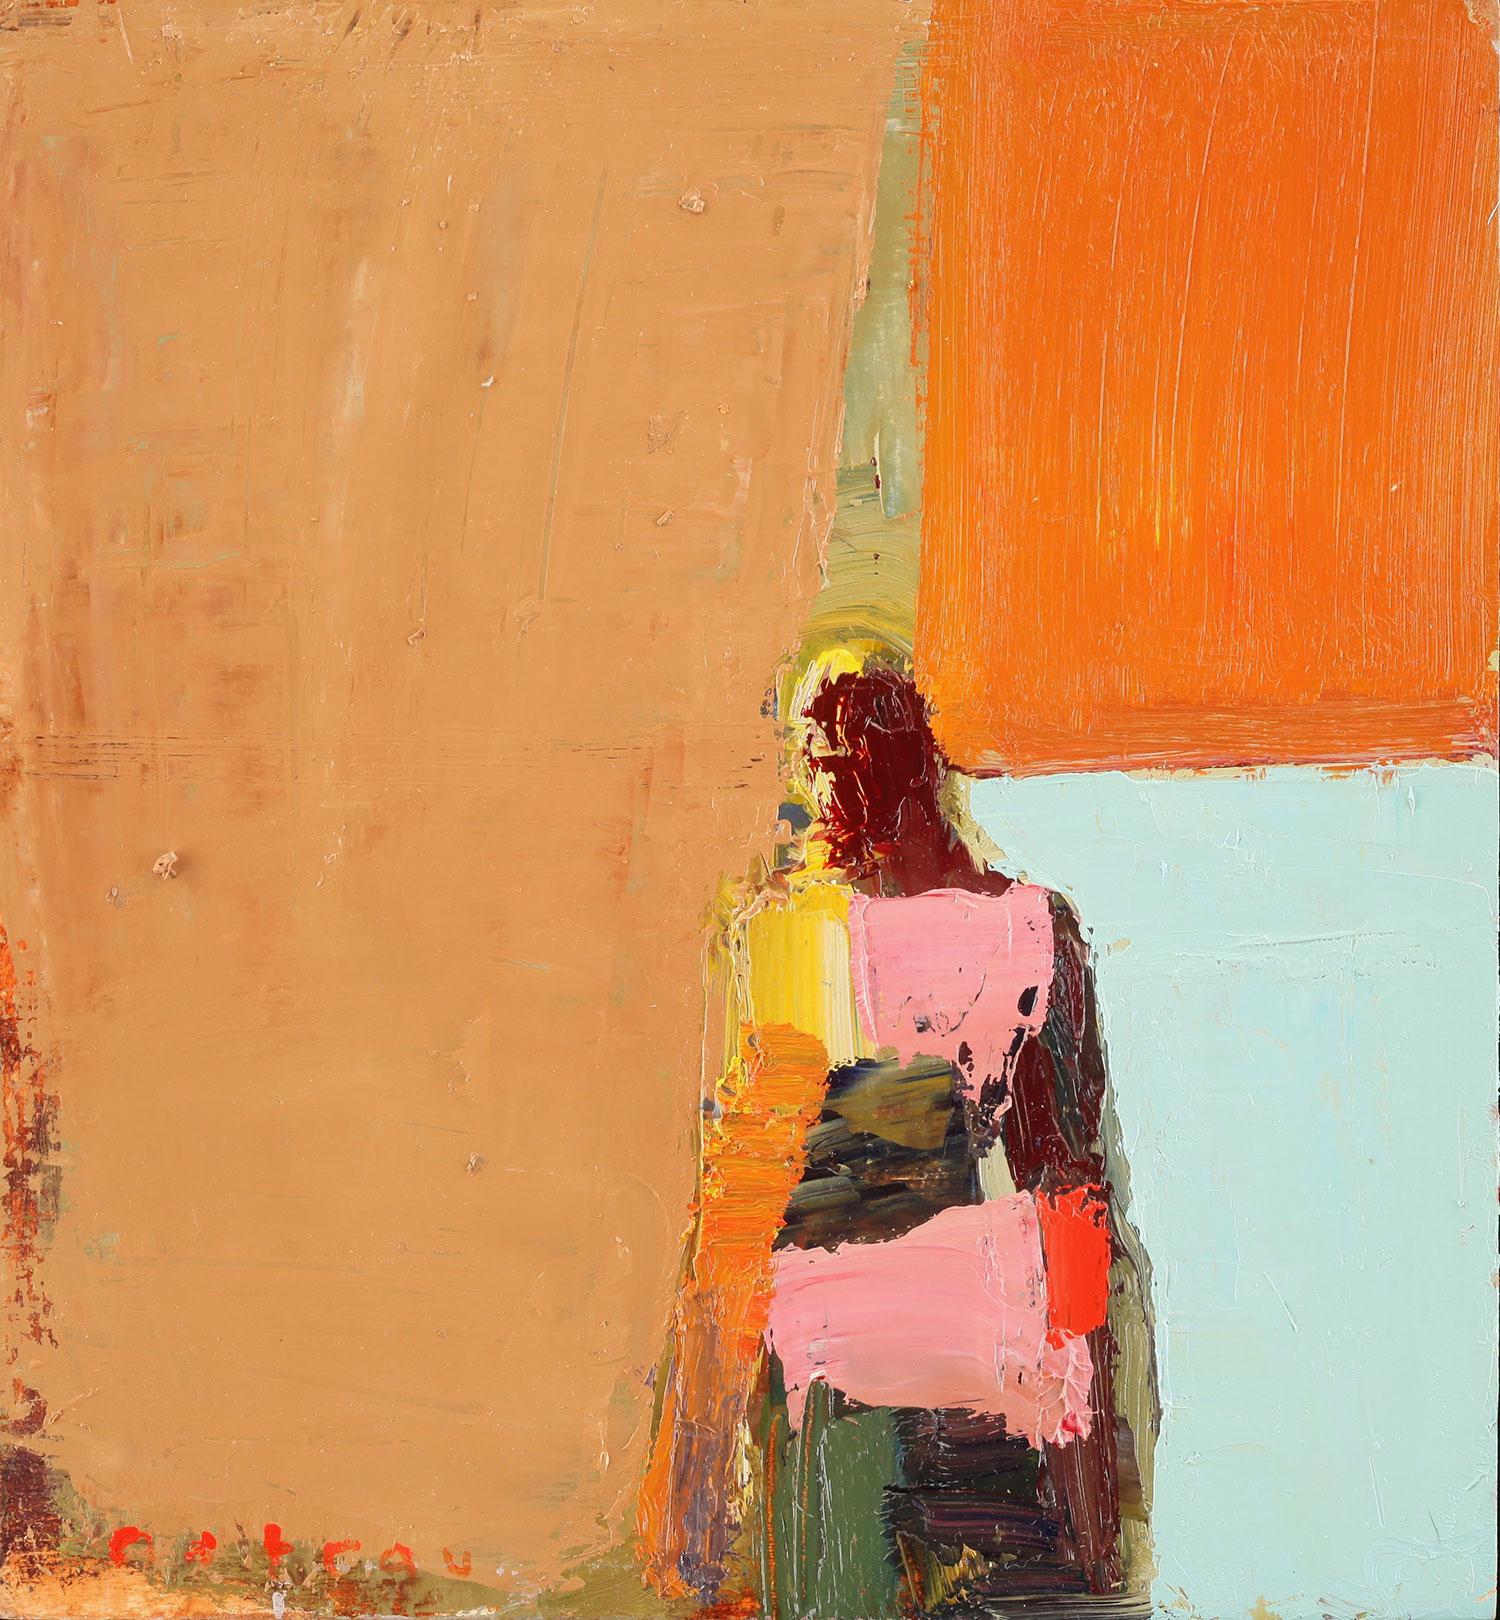 Girl-With-Orange-1500x1620-Web.jpg